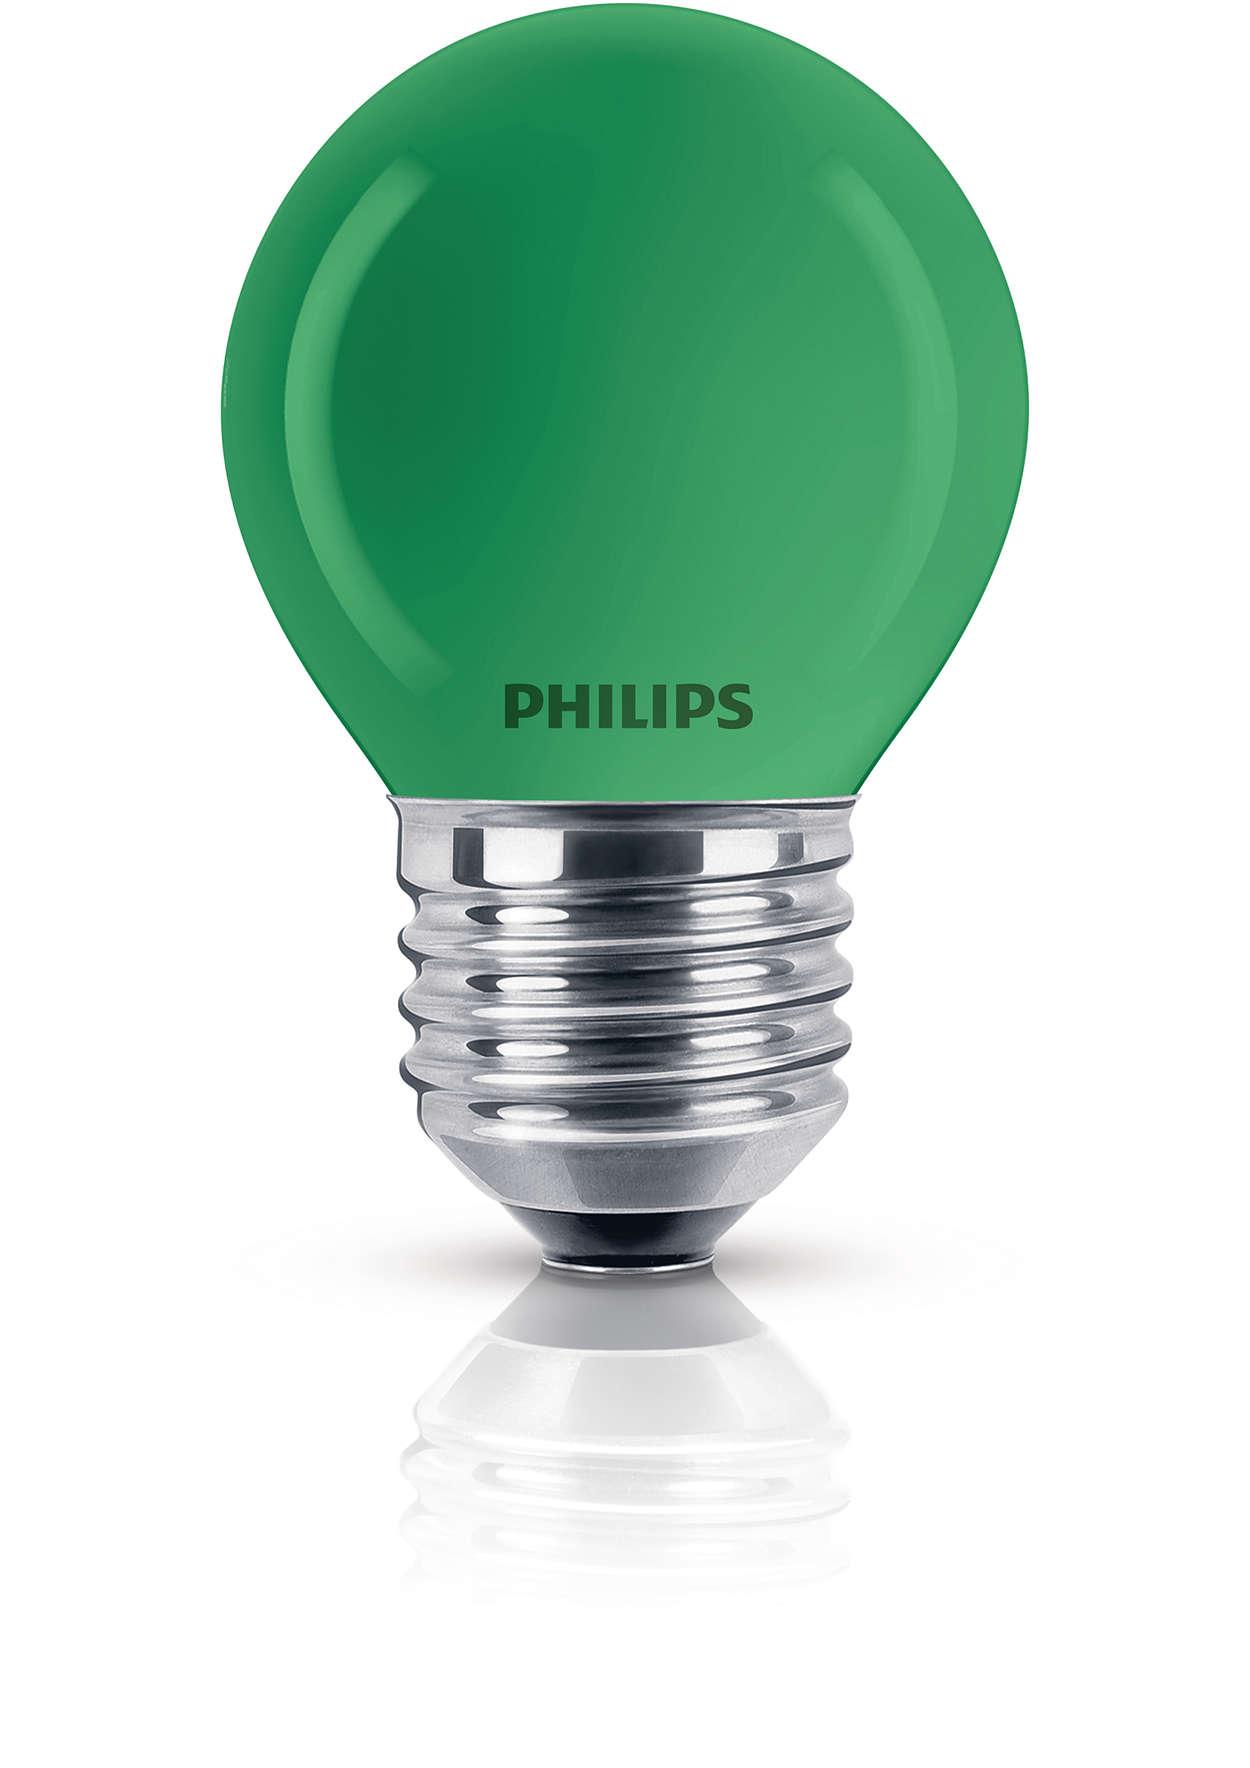 Barevná žárovka lustrového tvaru